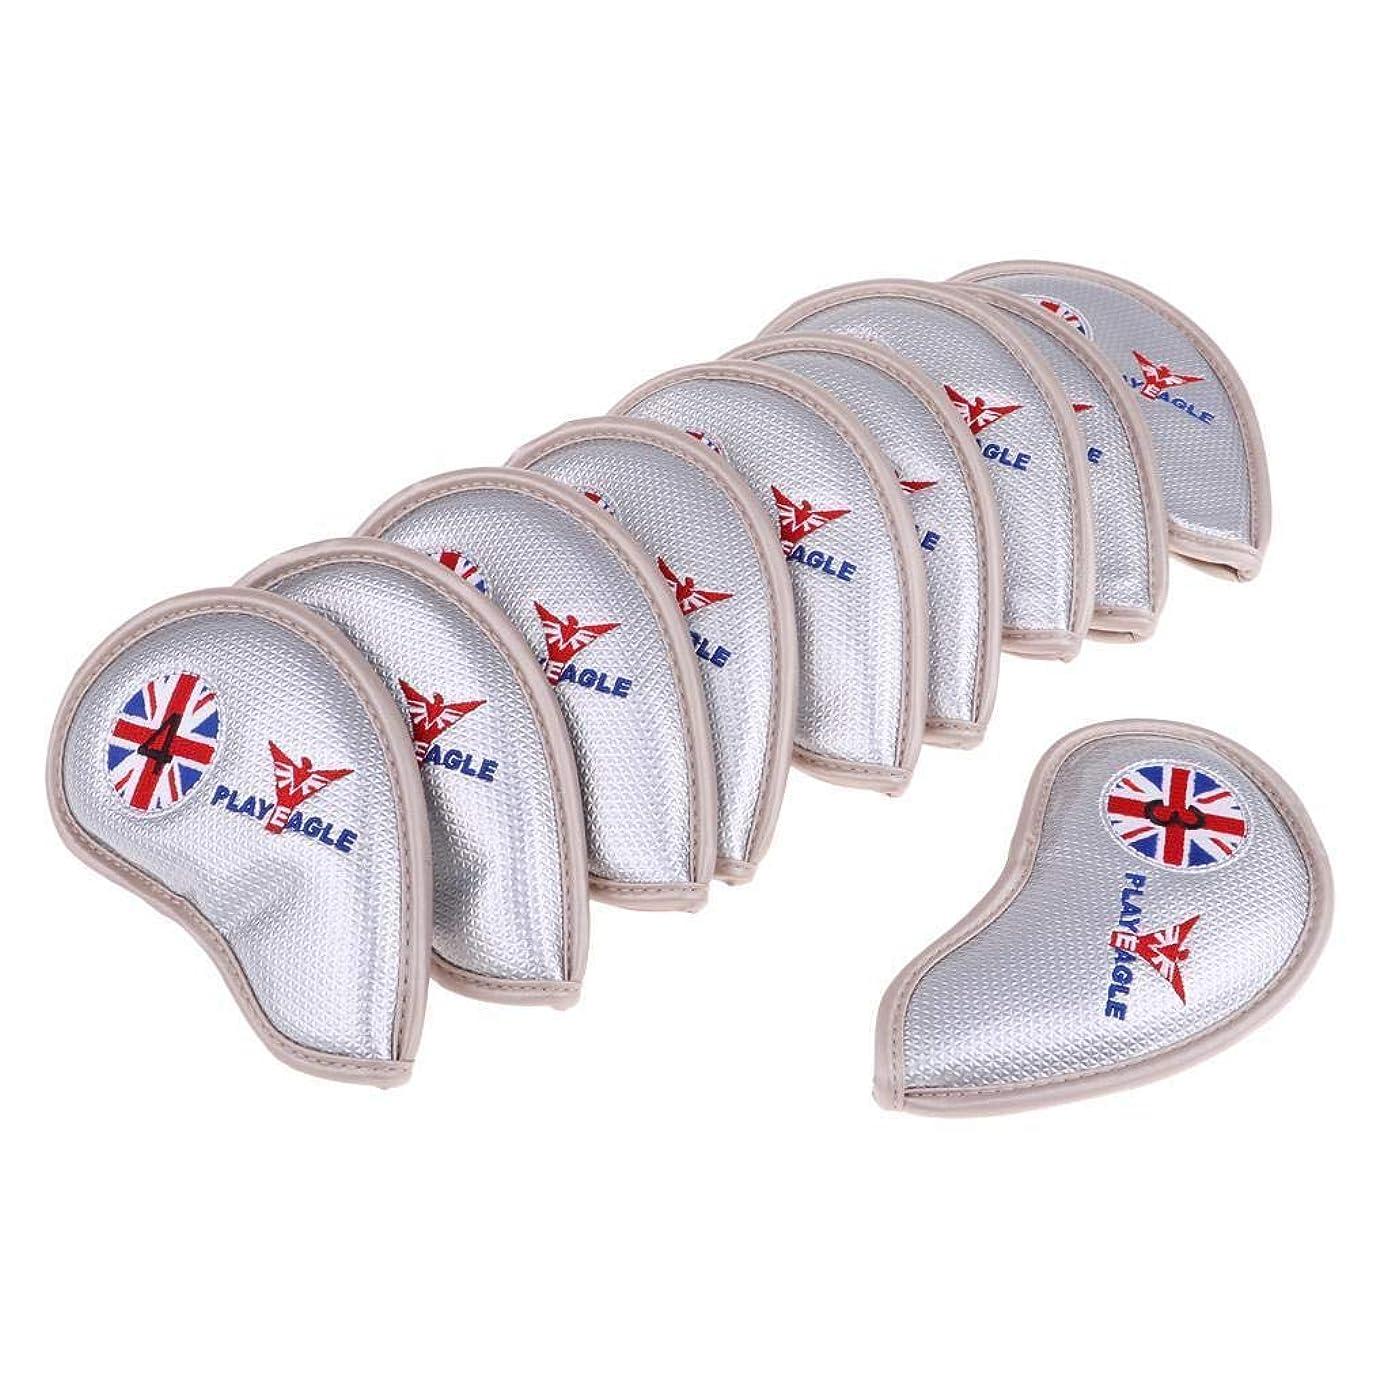 飲み込むチャンバーブランド名ヘッドカバー アイアンカバー イギリス模様刺繍 ゴルフアイアンカバー 高級pu革 防水 番手付 10点セット